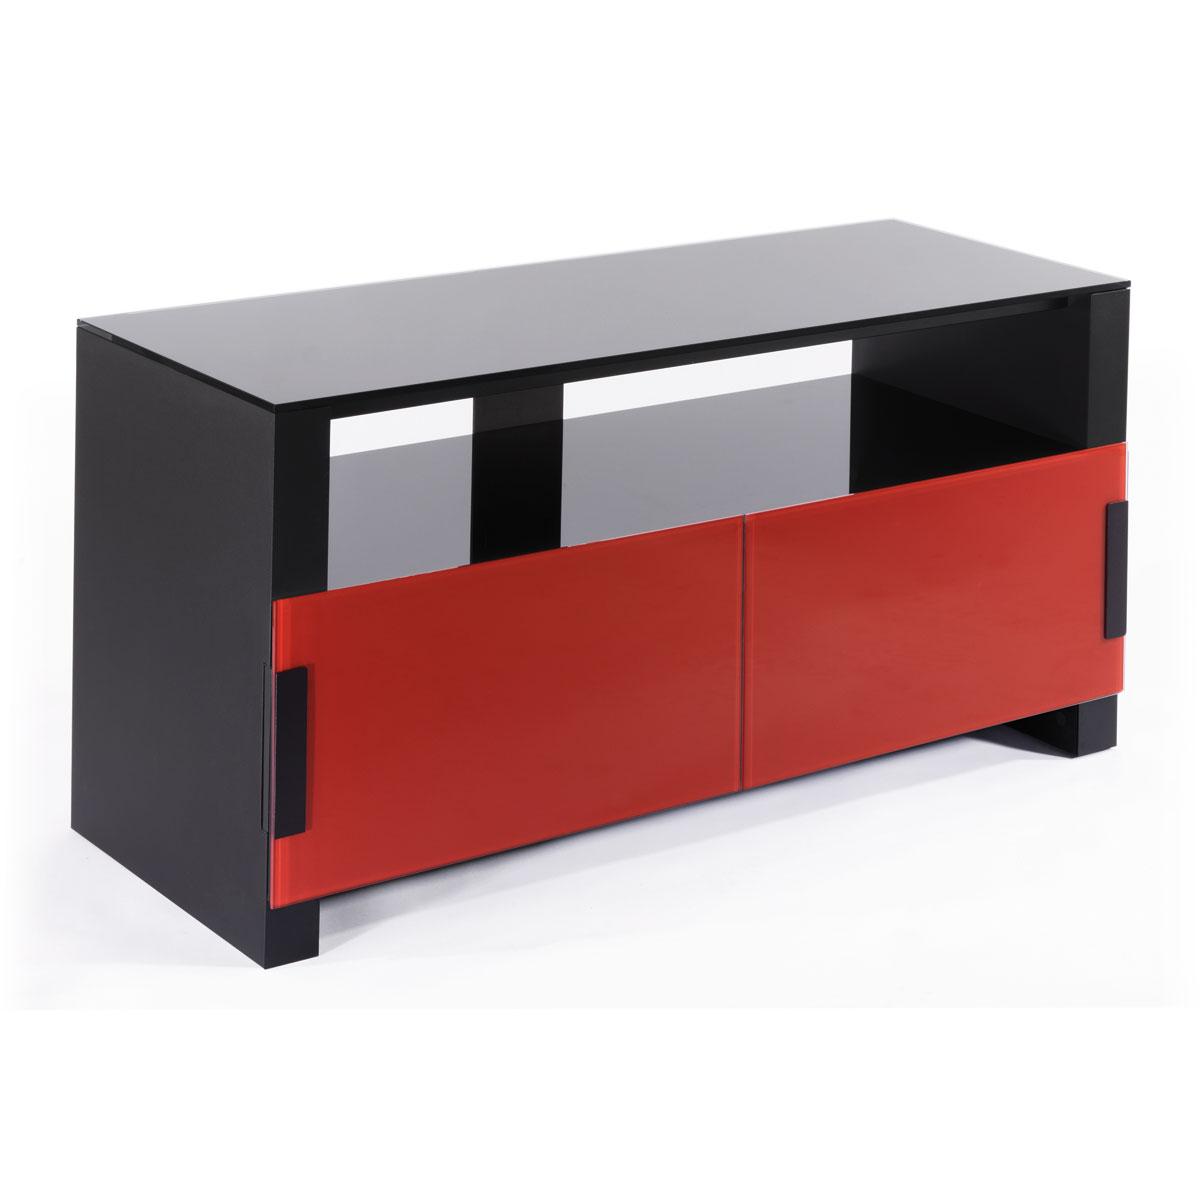 Erard bilt1100 rouge meuble tv erard group sur ldlc - Meuble tv noir et rouge ...